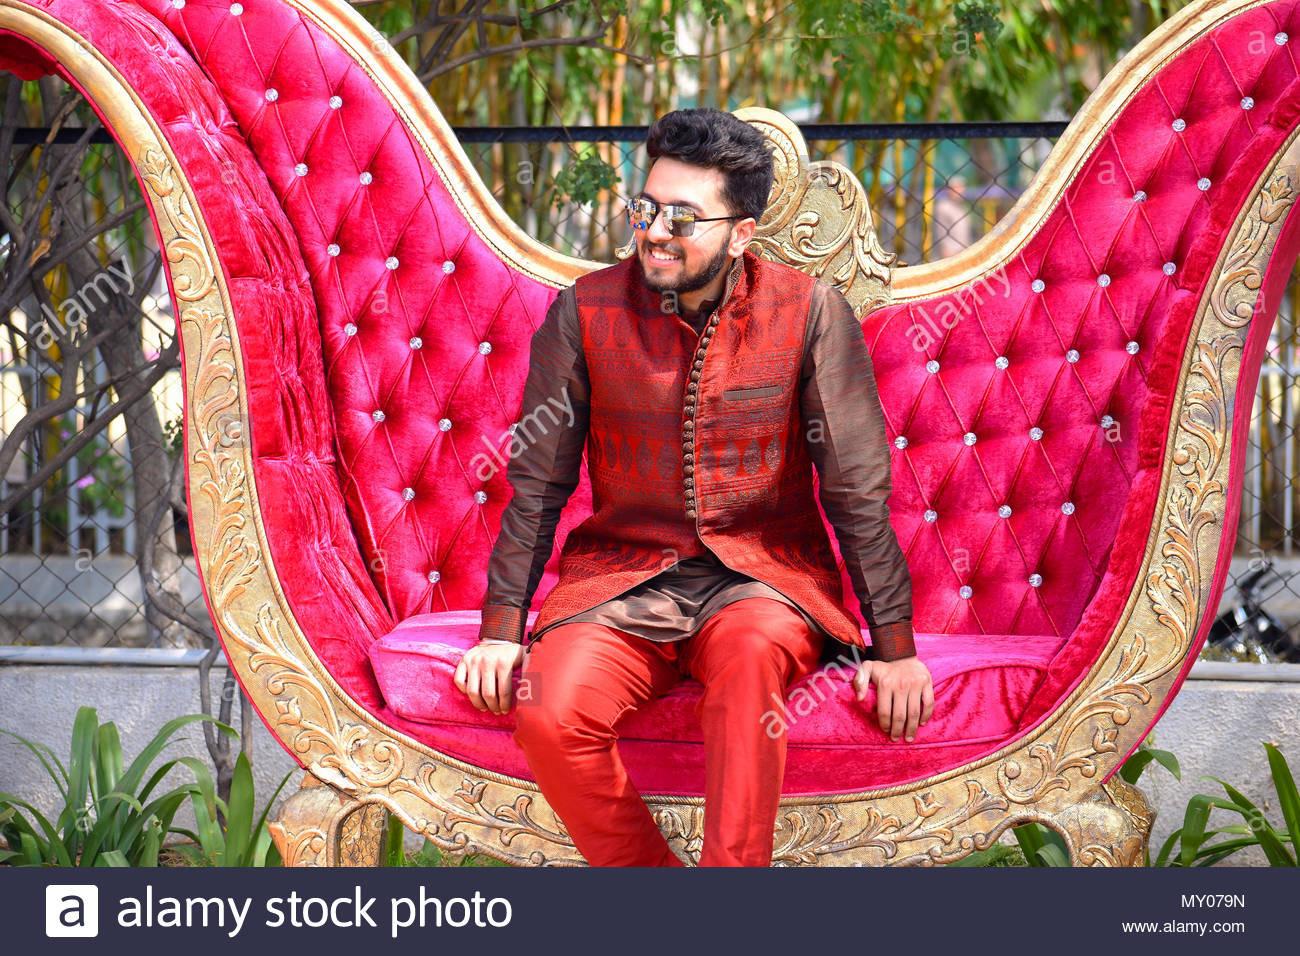 Der Junge Mann In Der Indischen Hochzeit Kleidung Auf Dem